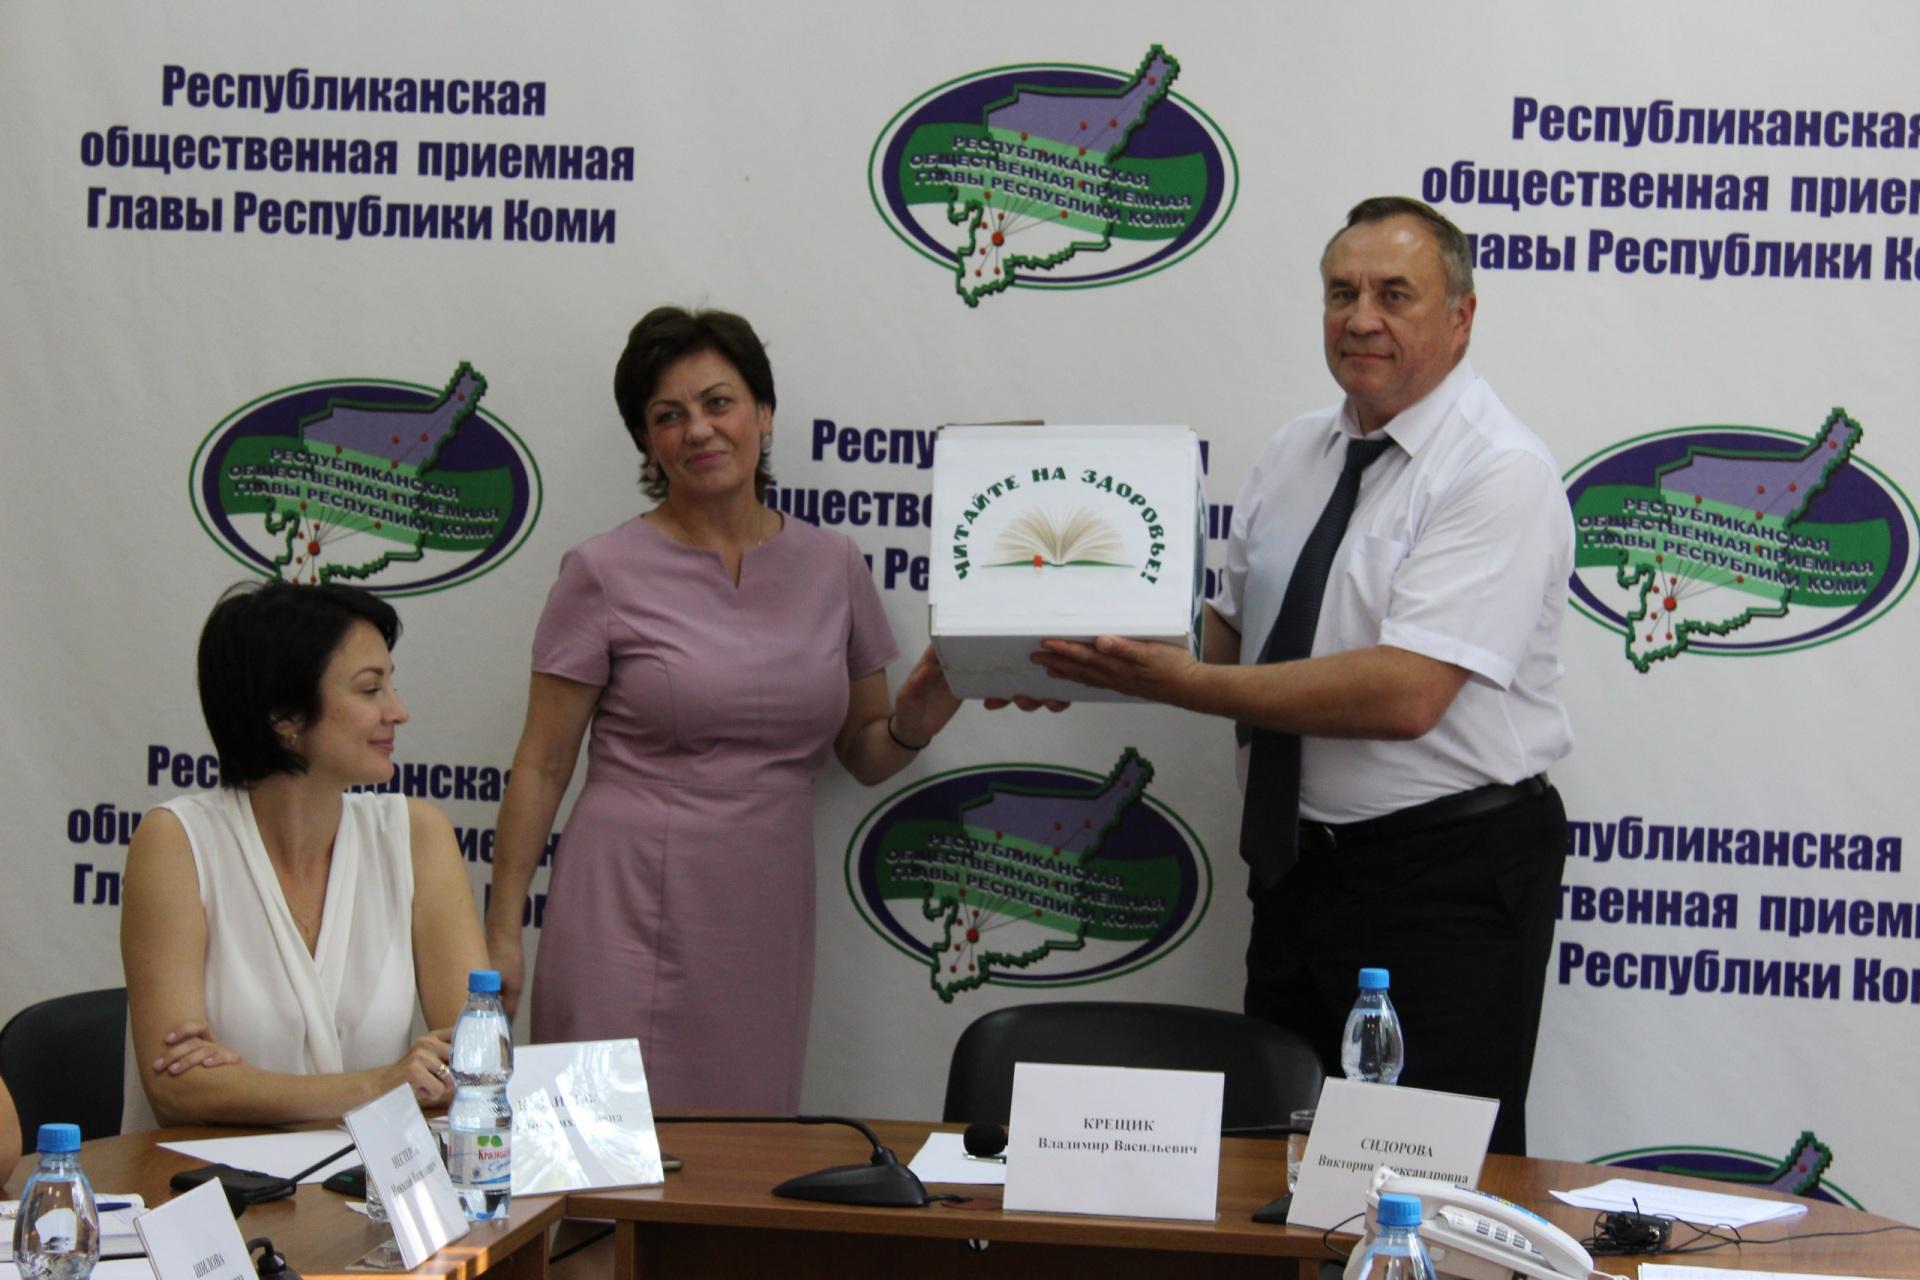 Книги для пациентов больниц и санаториев собрала общественная приемная главы Коми